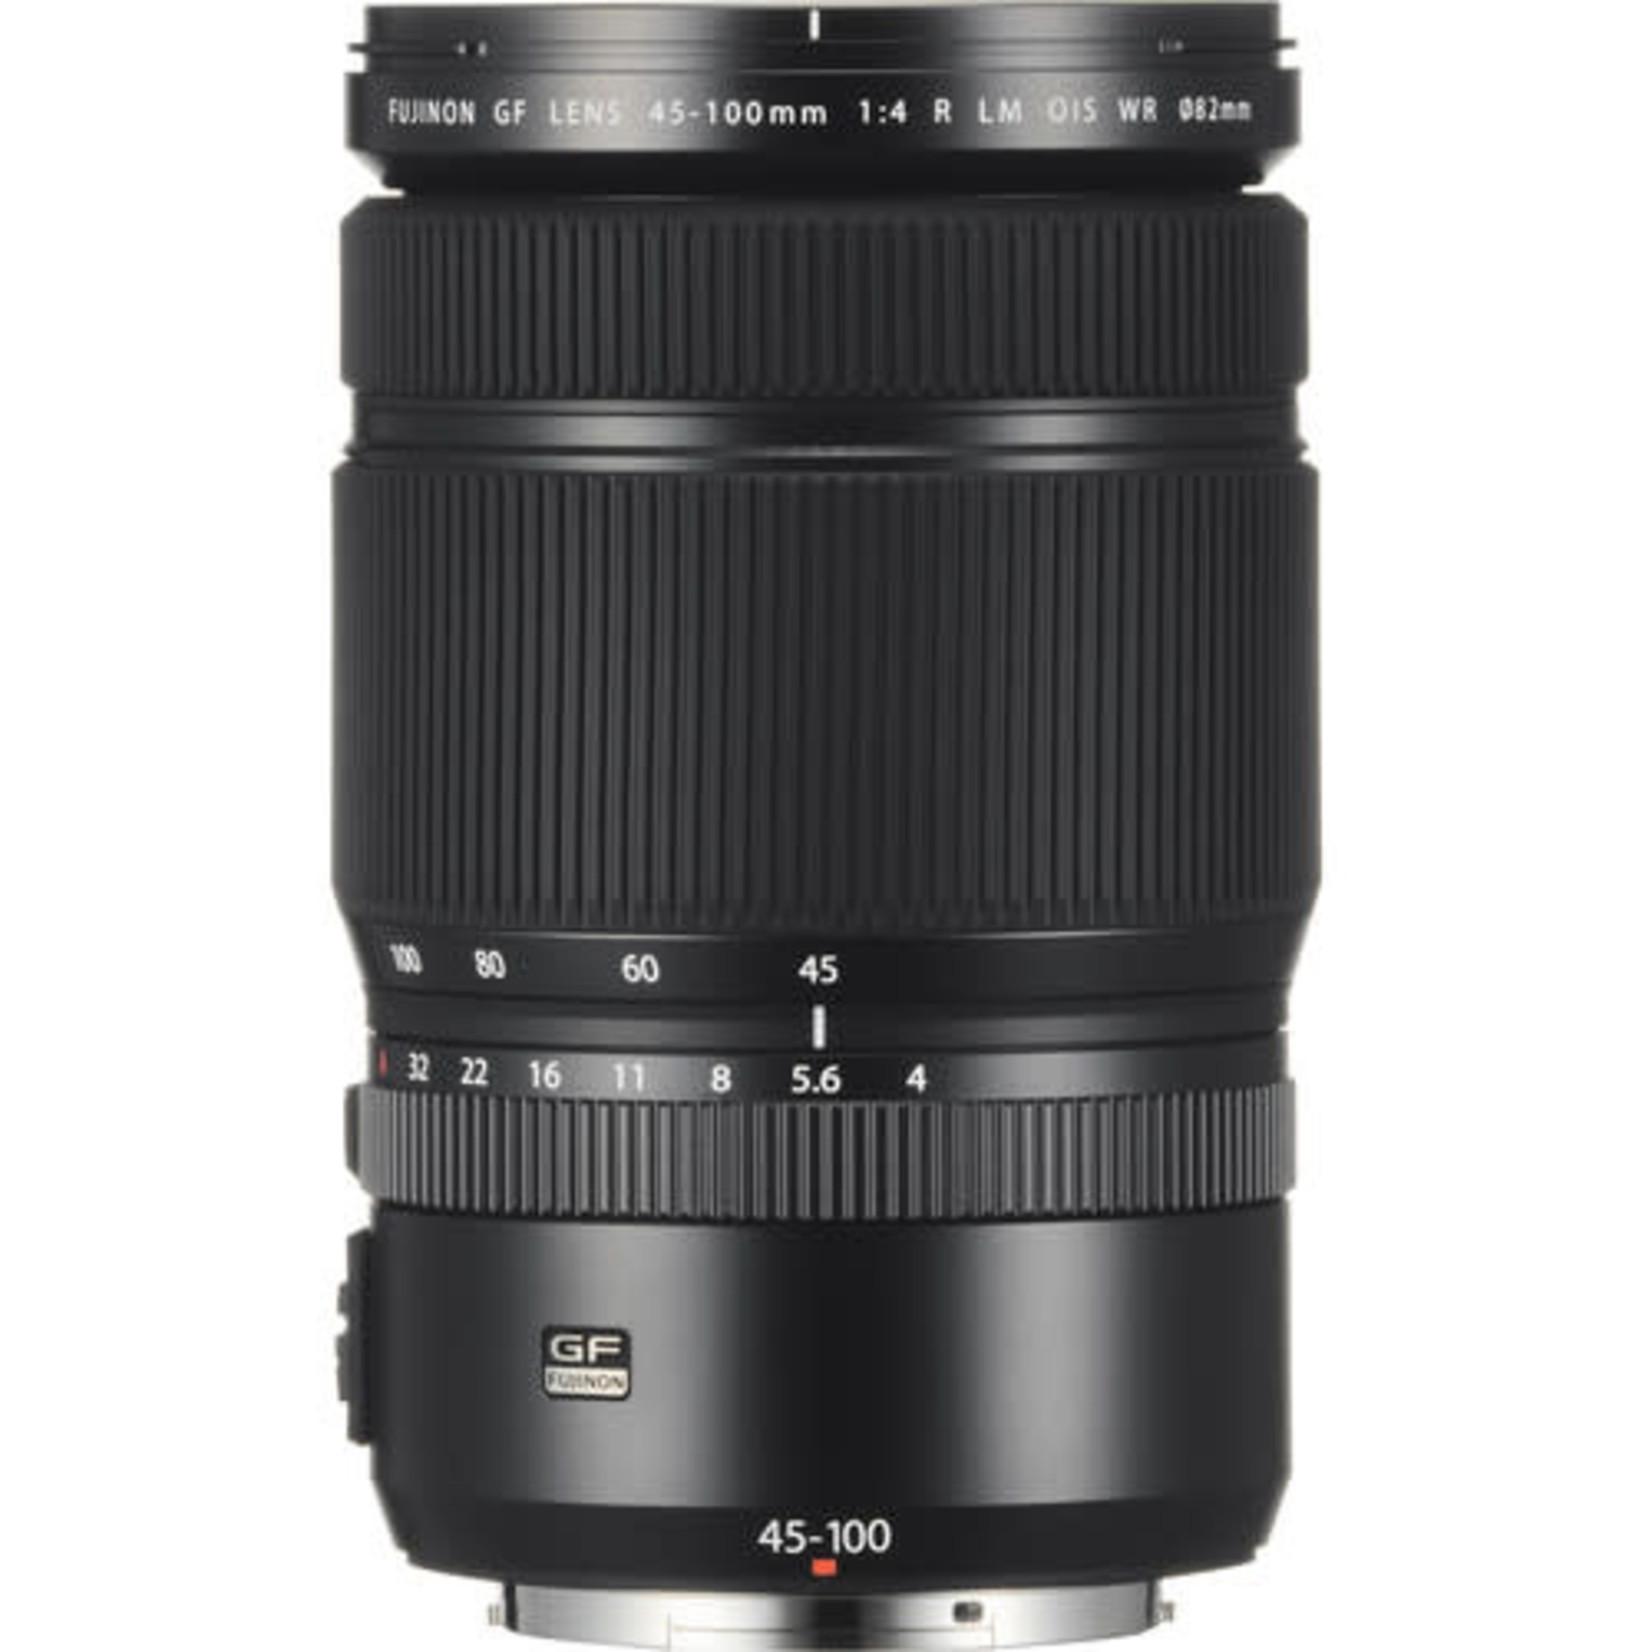 FujiFilm FUJIFILM GF 45-100mm f/4 R LM OIS WR Lens